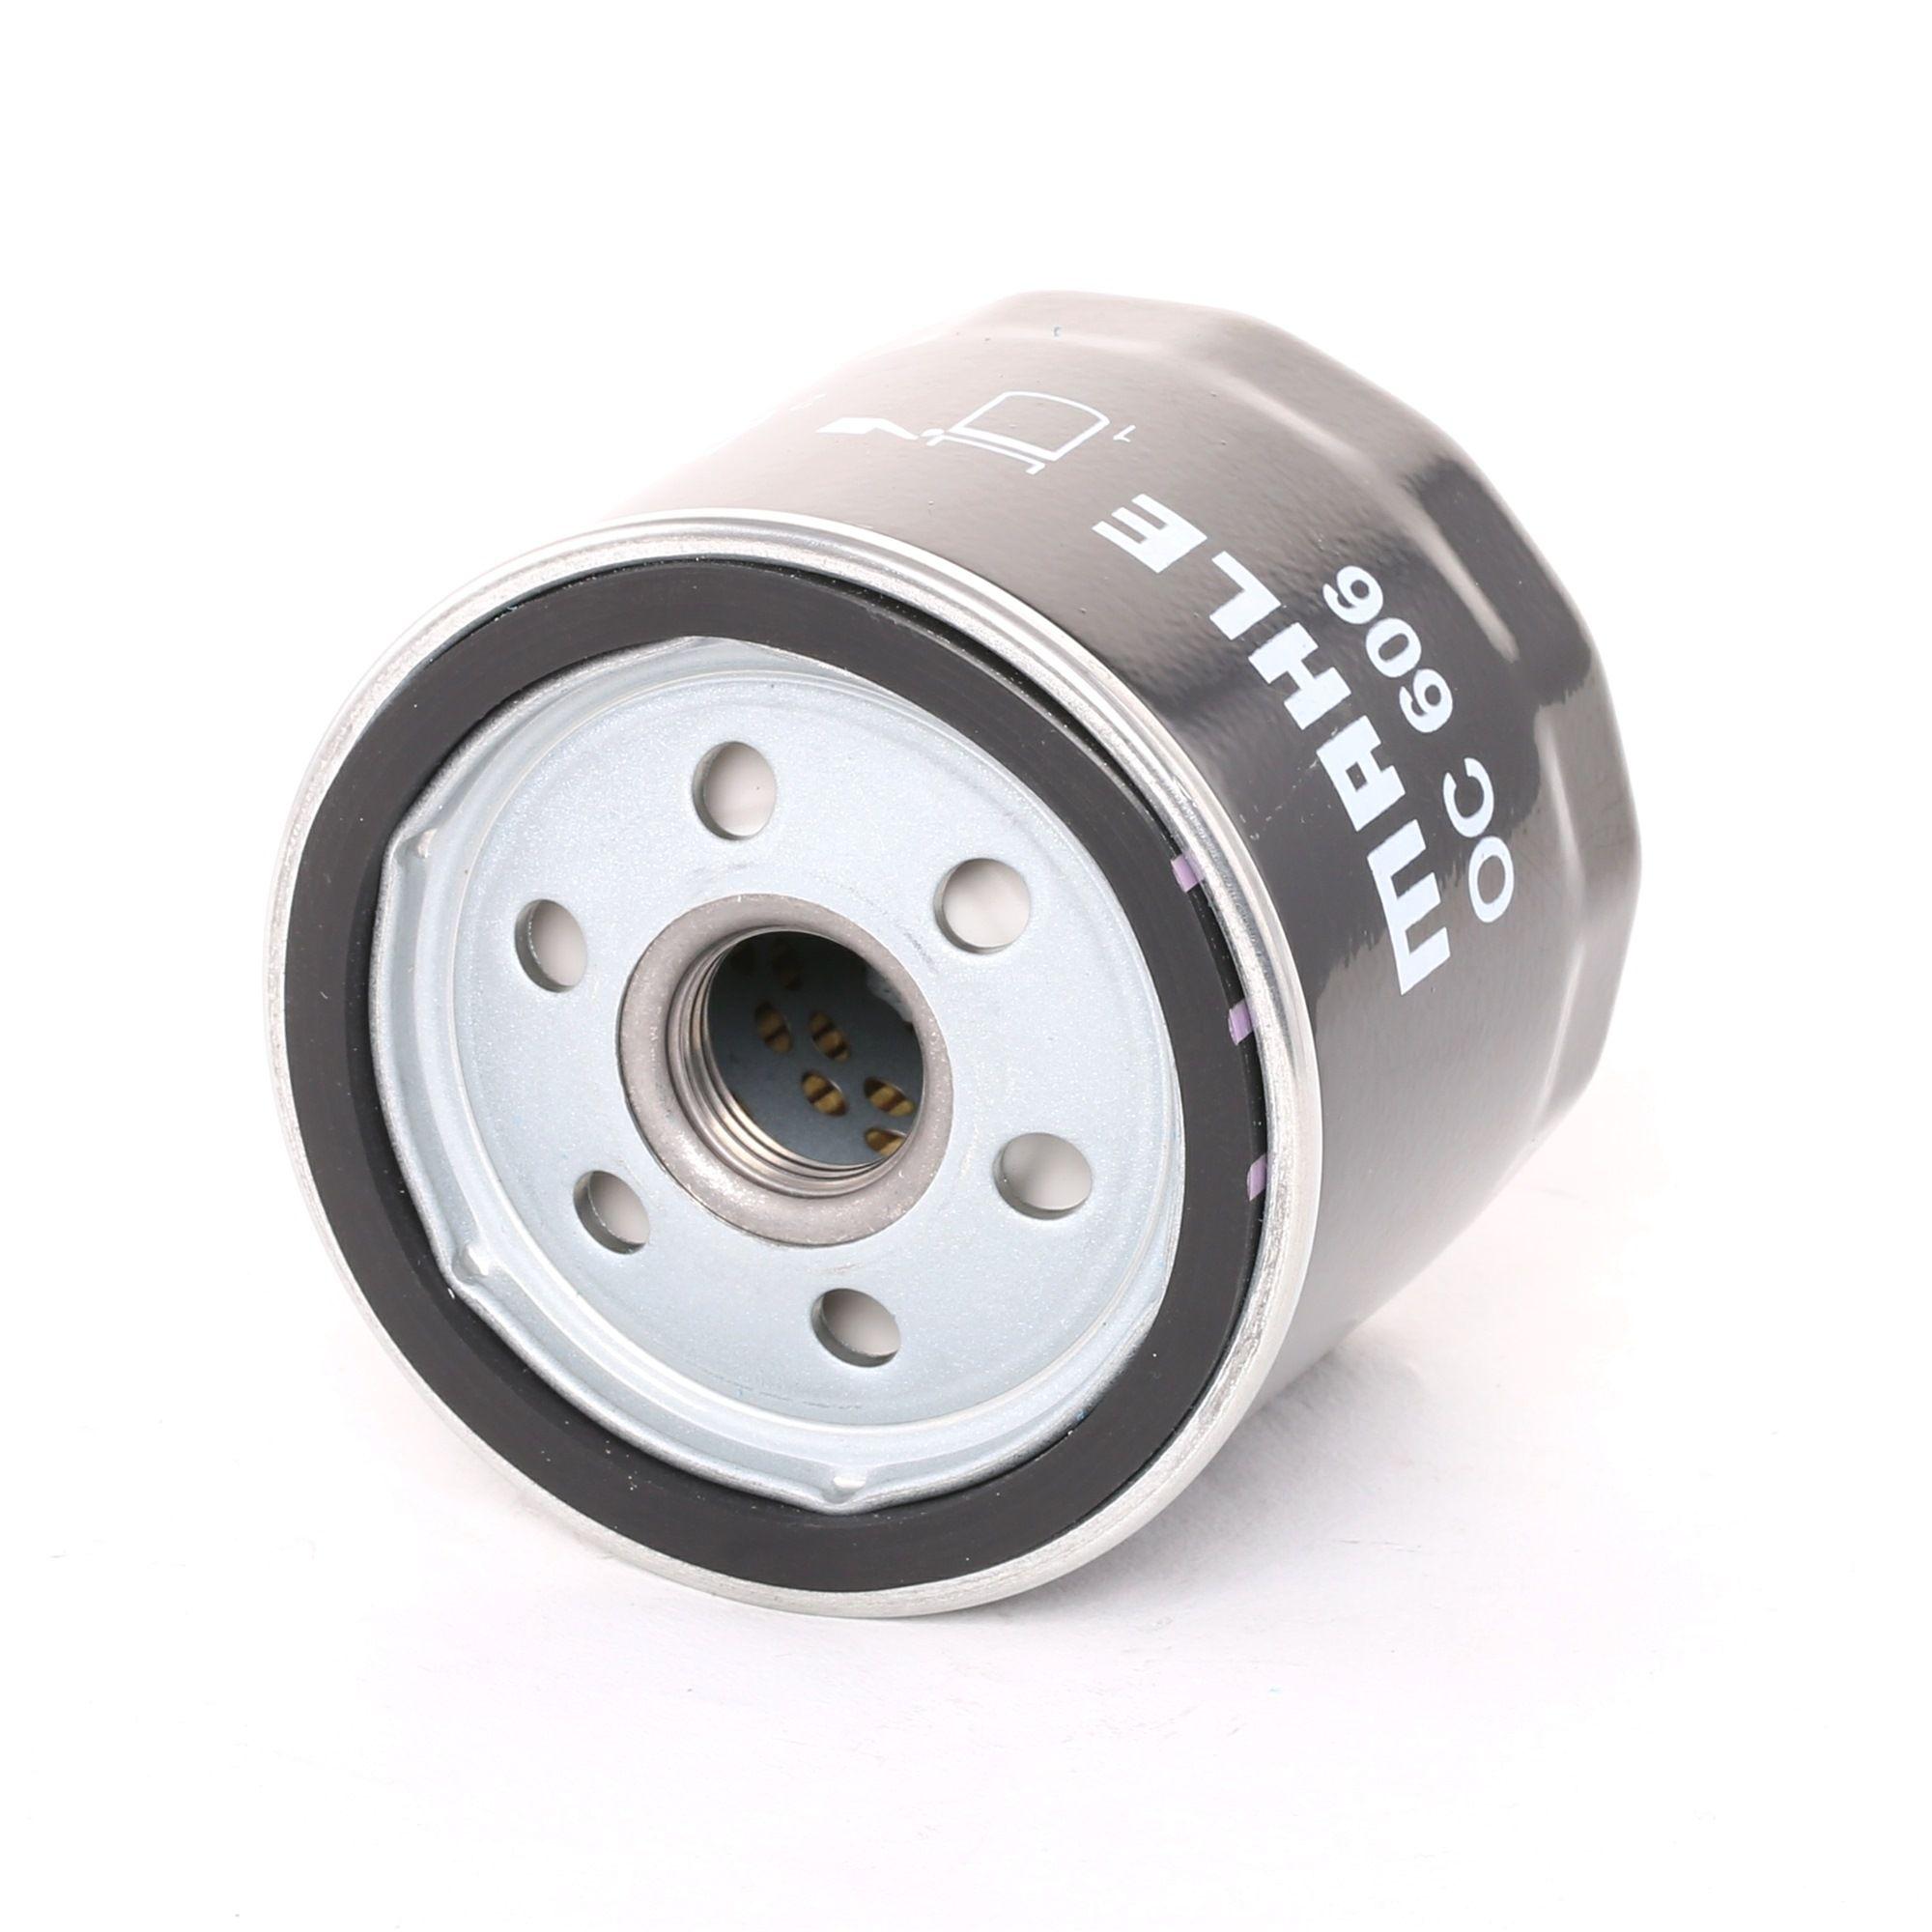 Eļļas filtrs OC 606 par FORD zemas cenas - Iepirkties tagad!